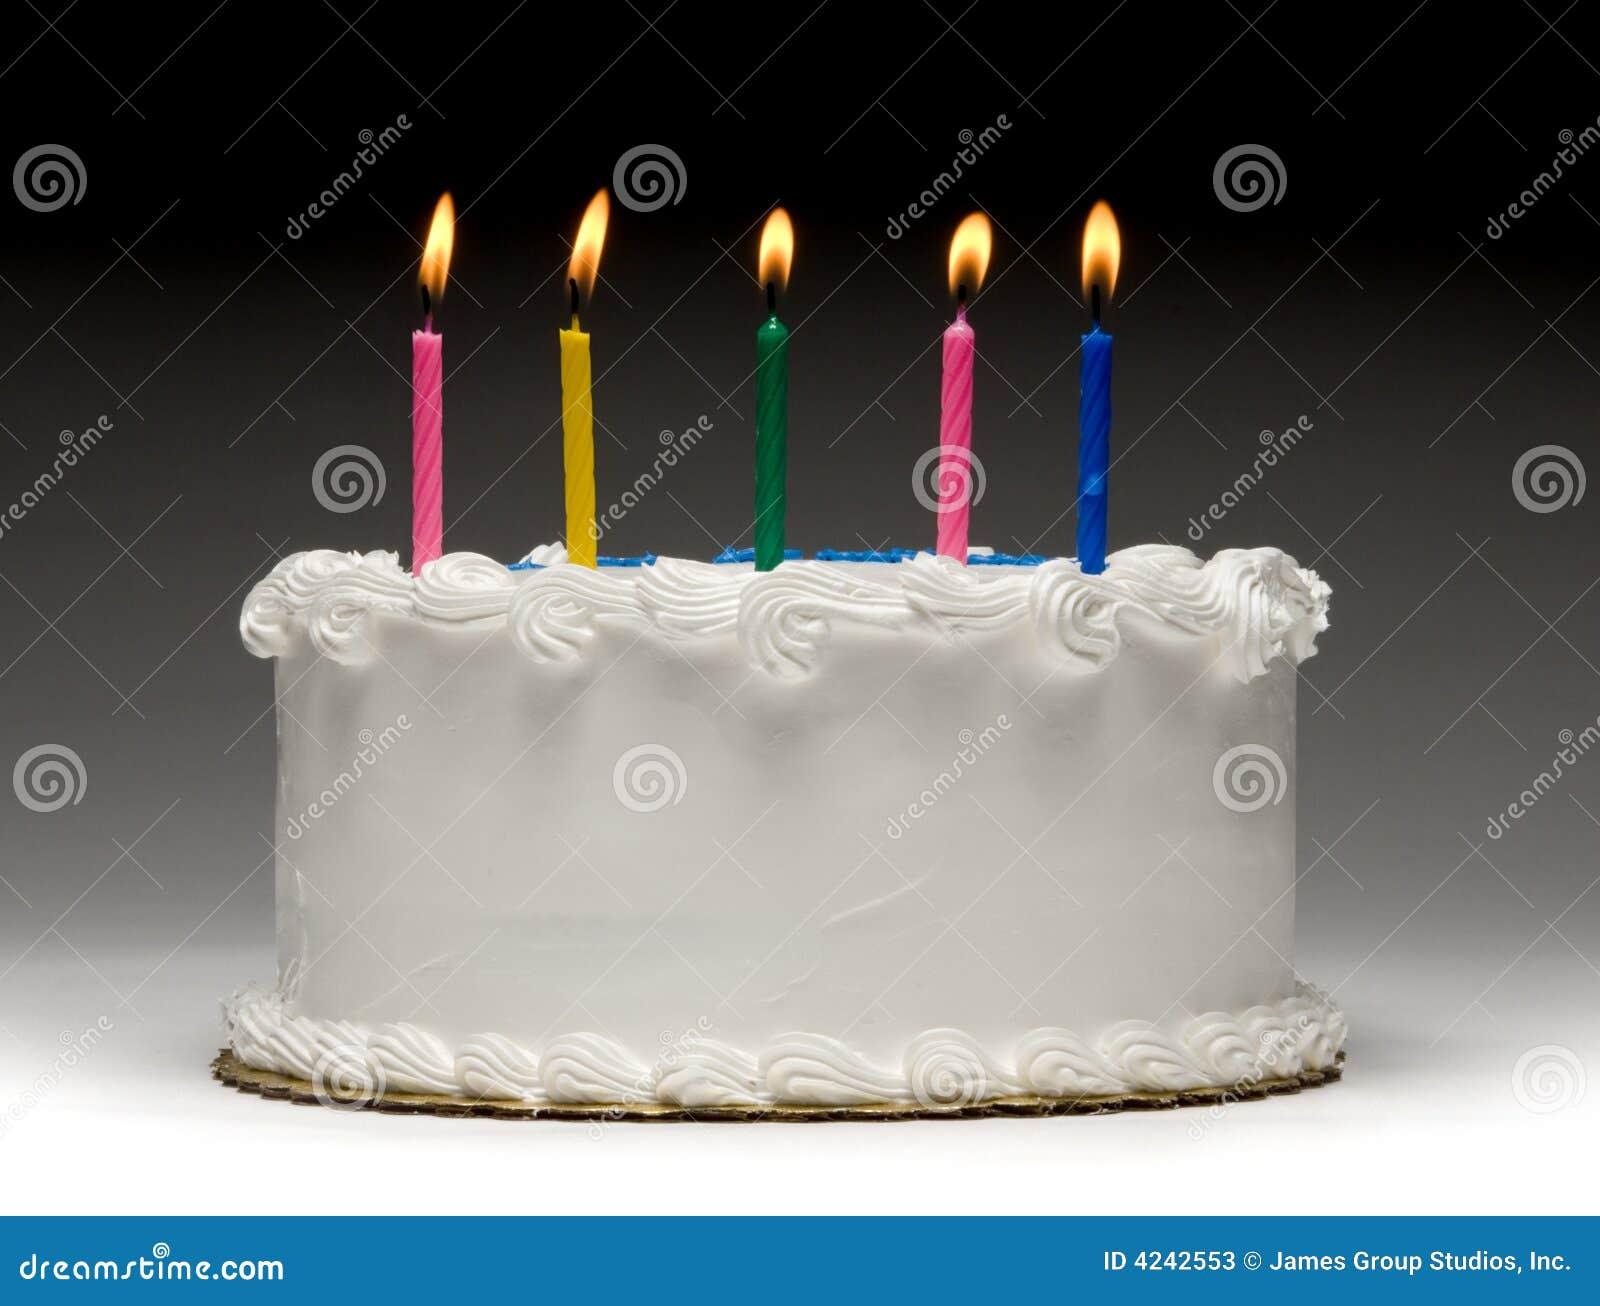 Birthday Cake Profile Stock Photos Image 4242553